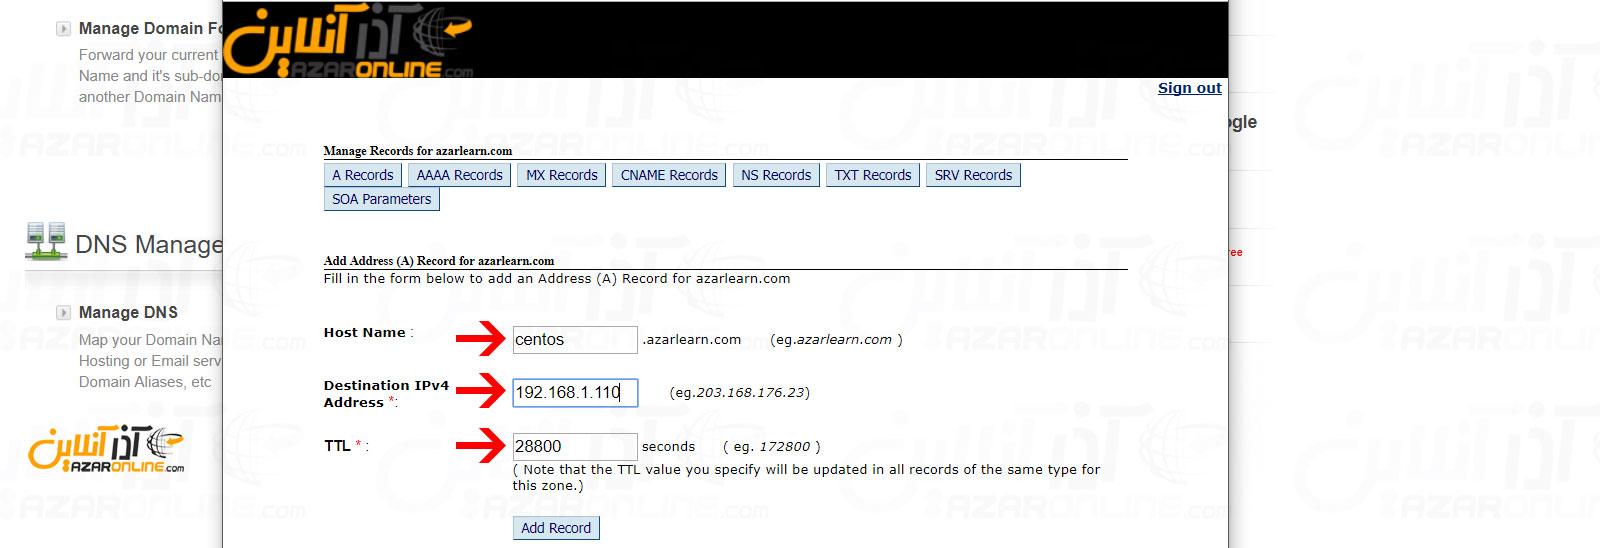 وارد کردن اطلاعات درخواستی برای ساخت رکورد A در کنترل پنل دامنه